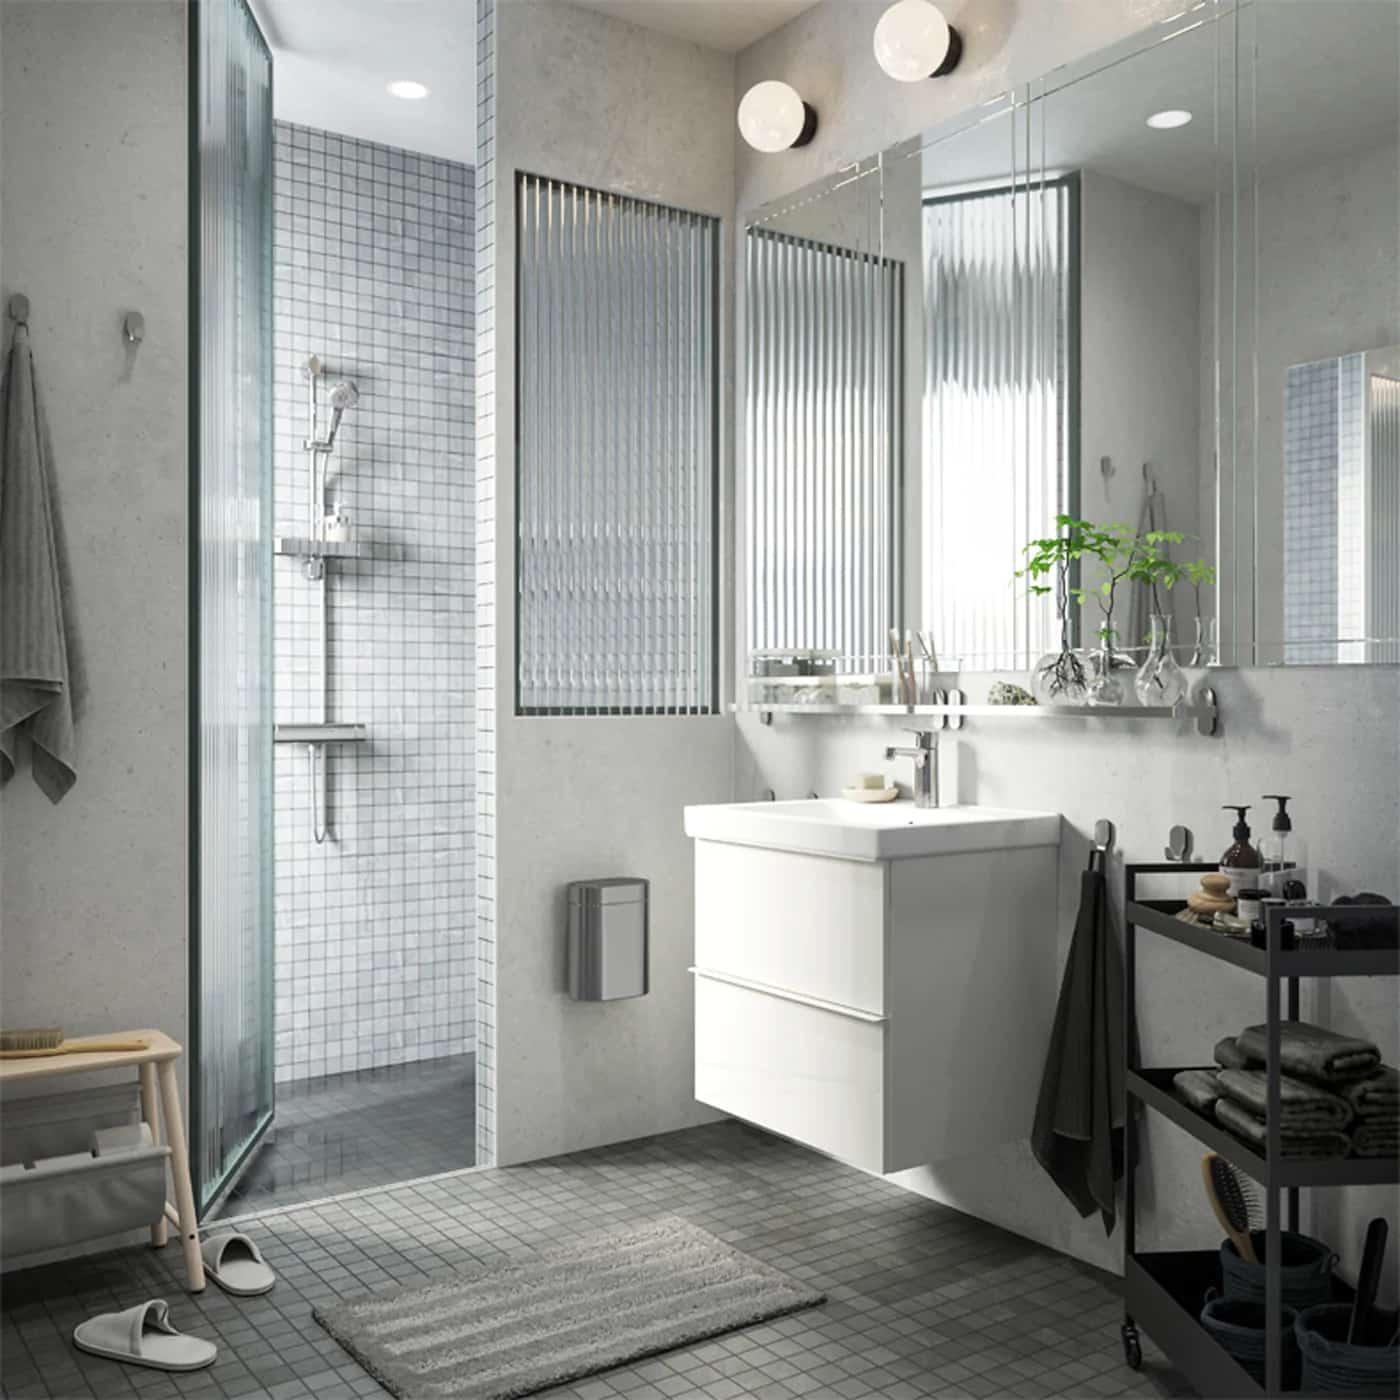 Ikea Hemnes Cassettiera Con Specchio.Bagno Ikea 2020 Le Novita Per Arredare Un Bagno Di Tendenza